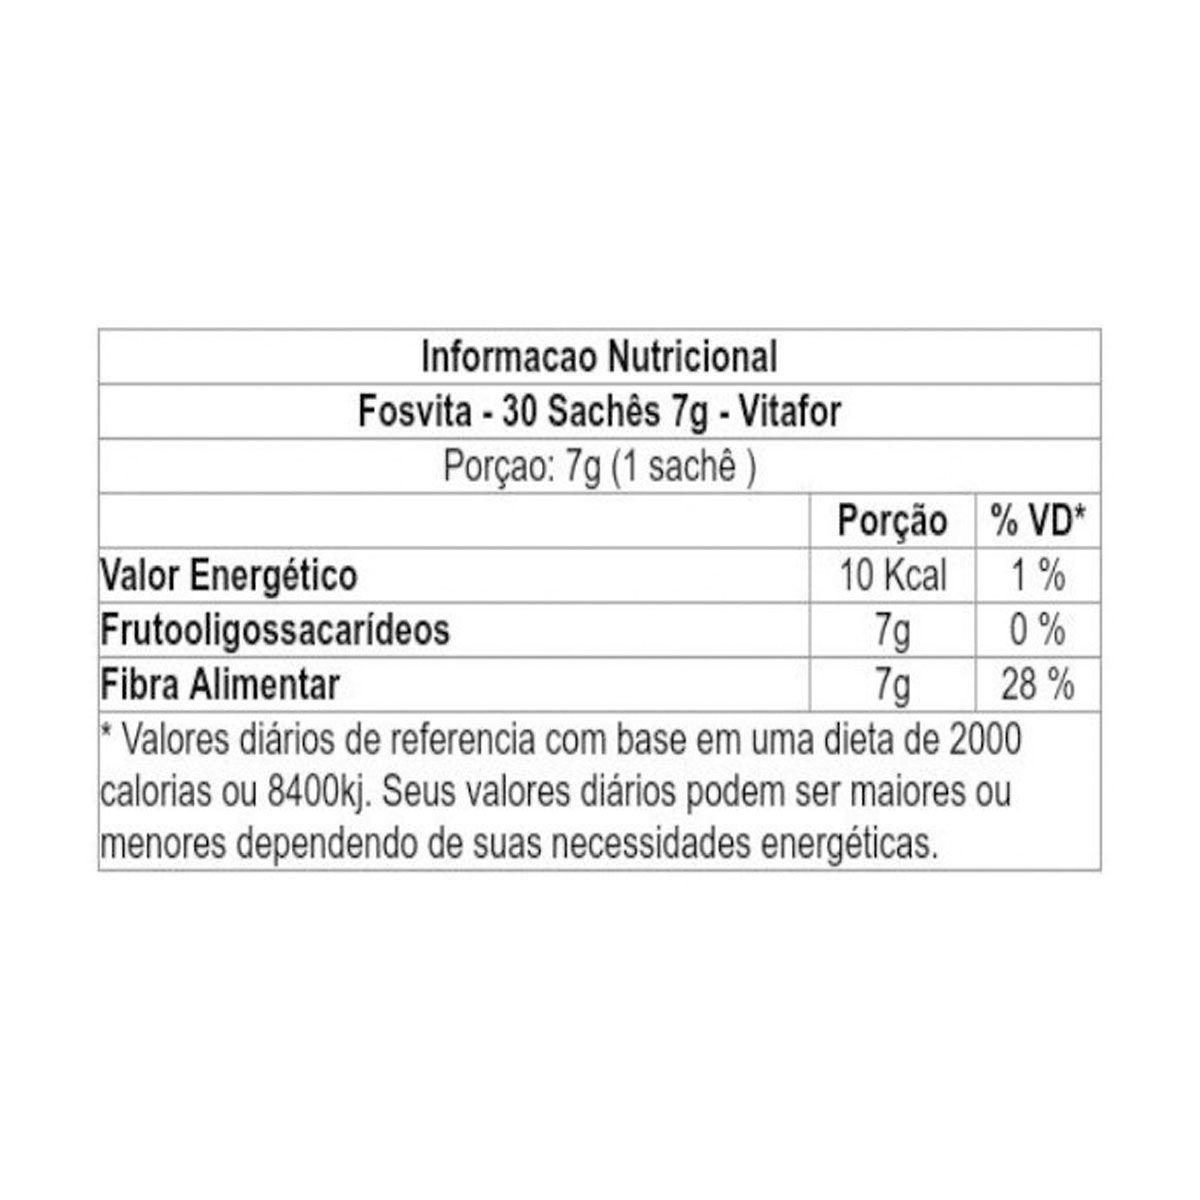 Fosvita 30 sachês - Vitafor